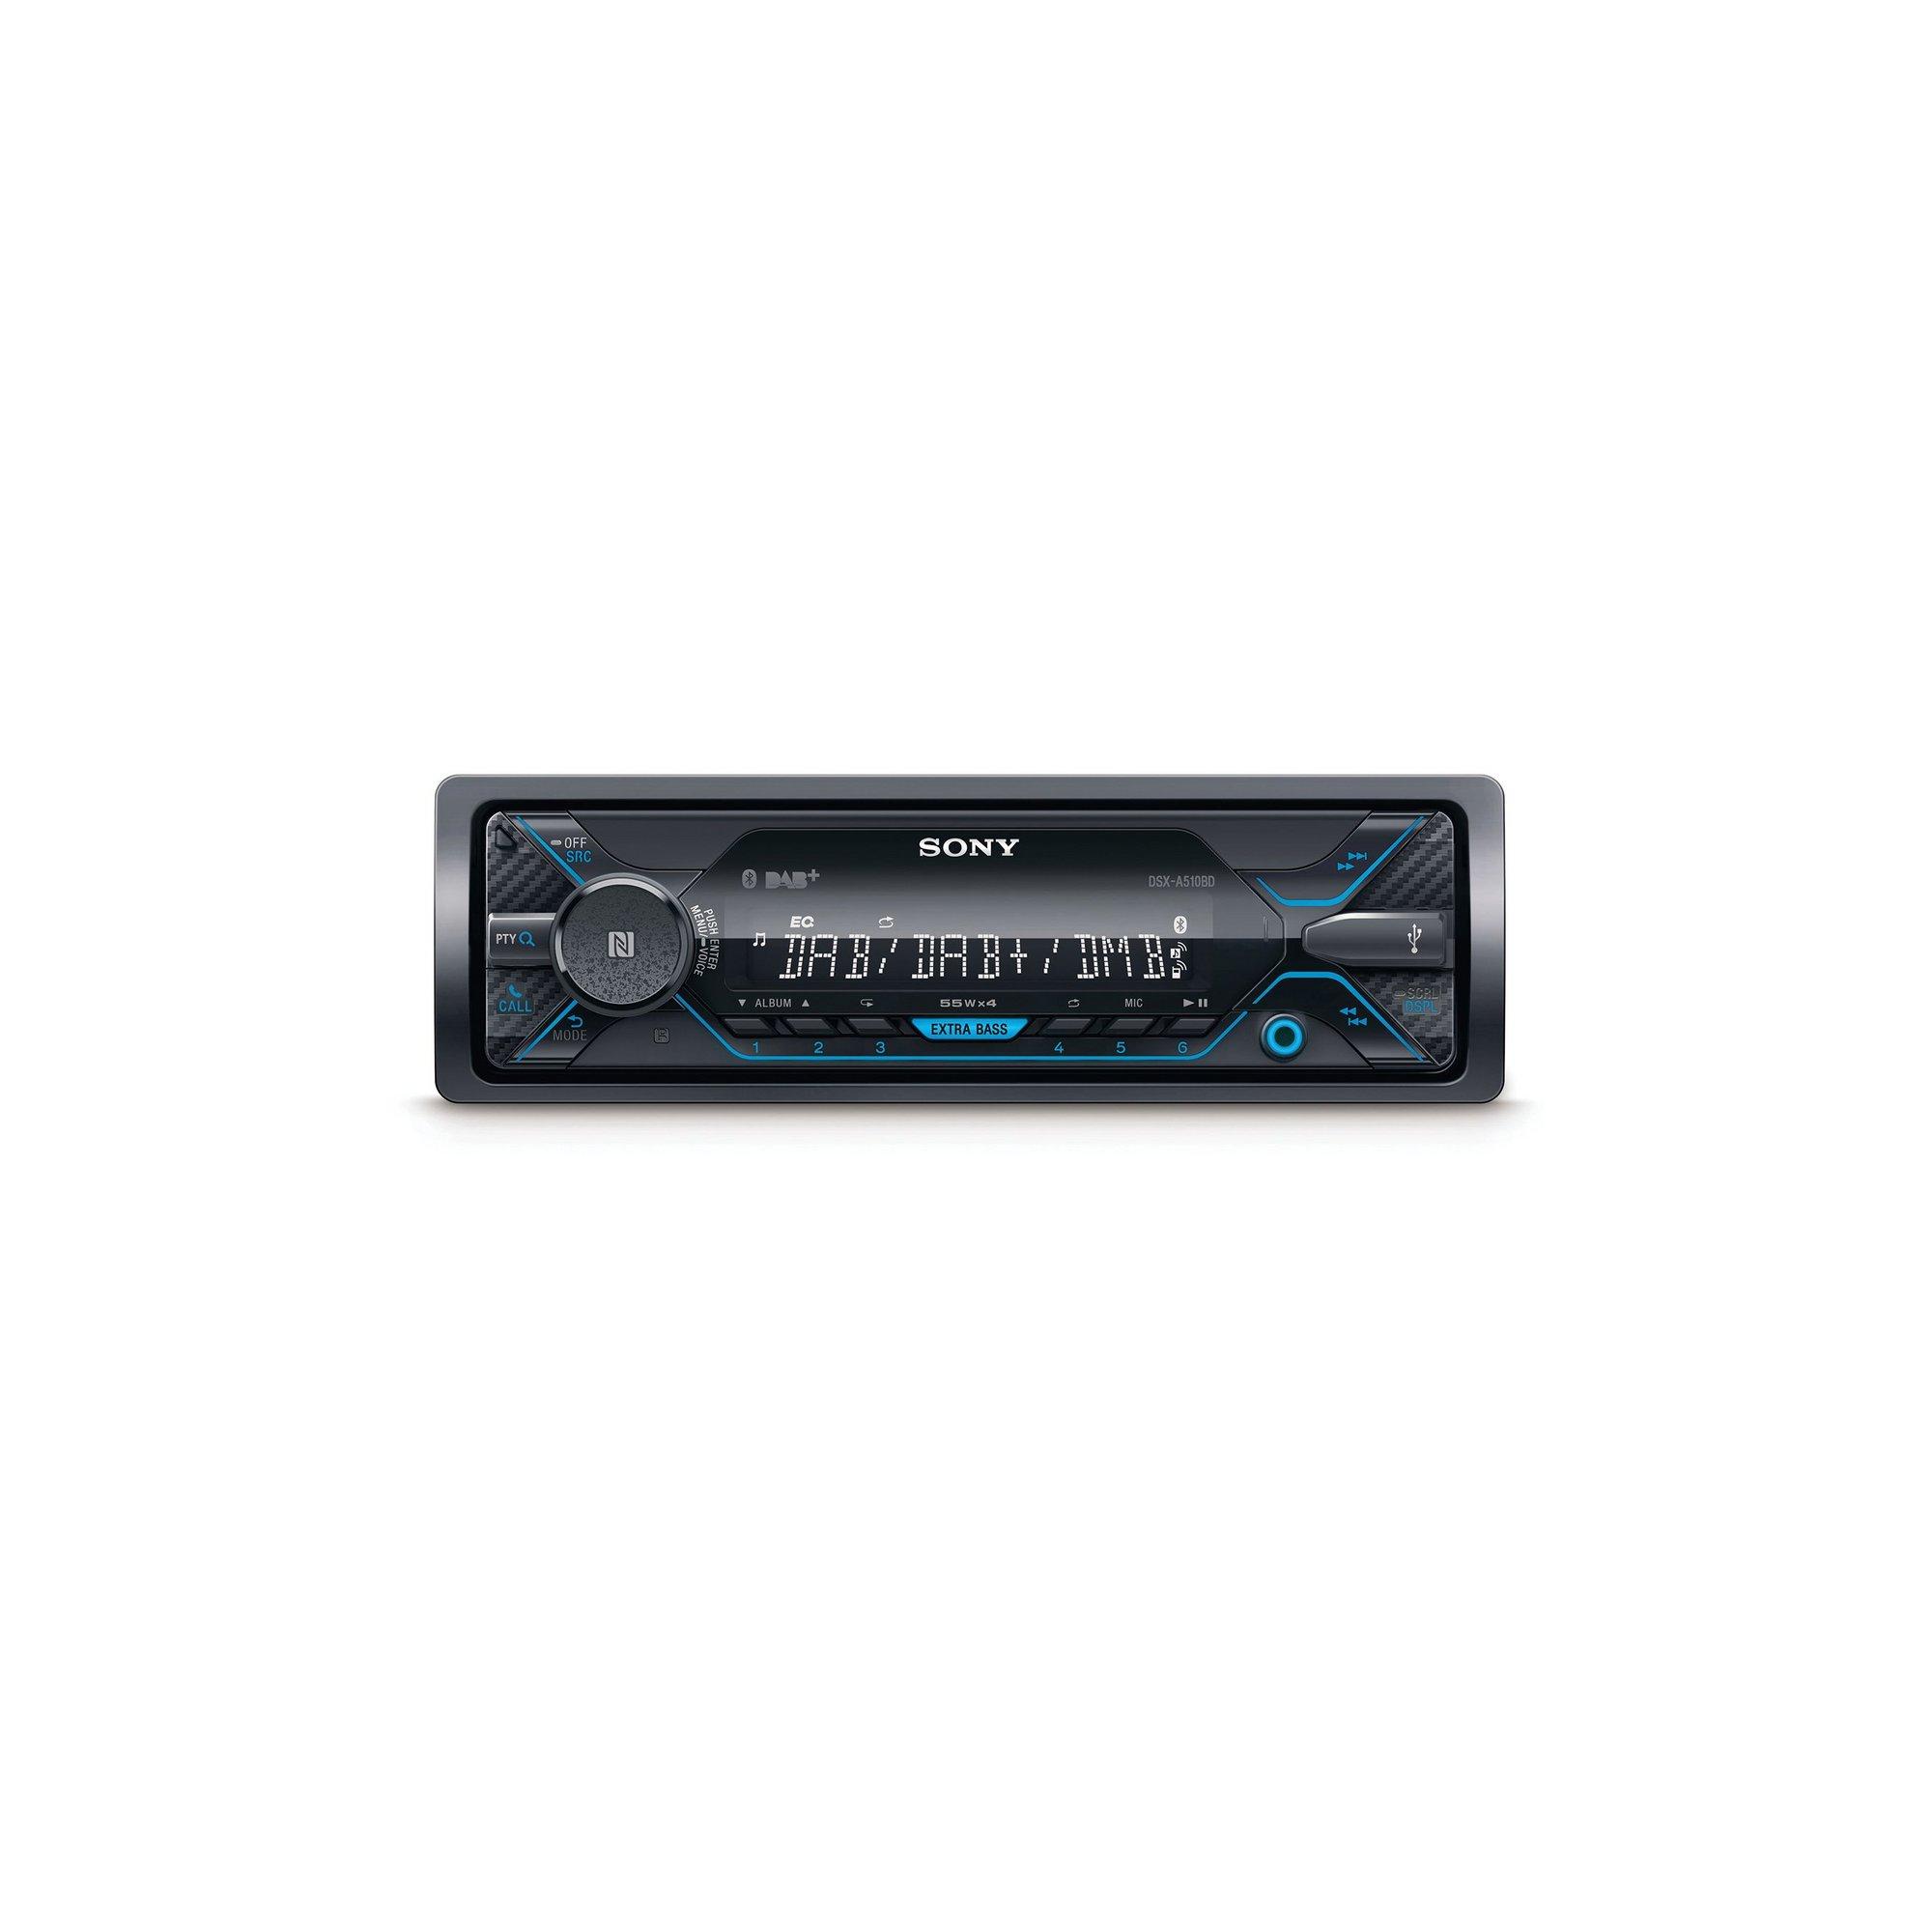 Image of Sony DSXA510KIT Car Stereo